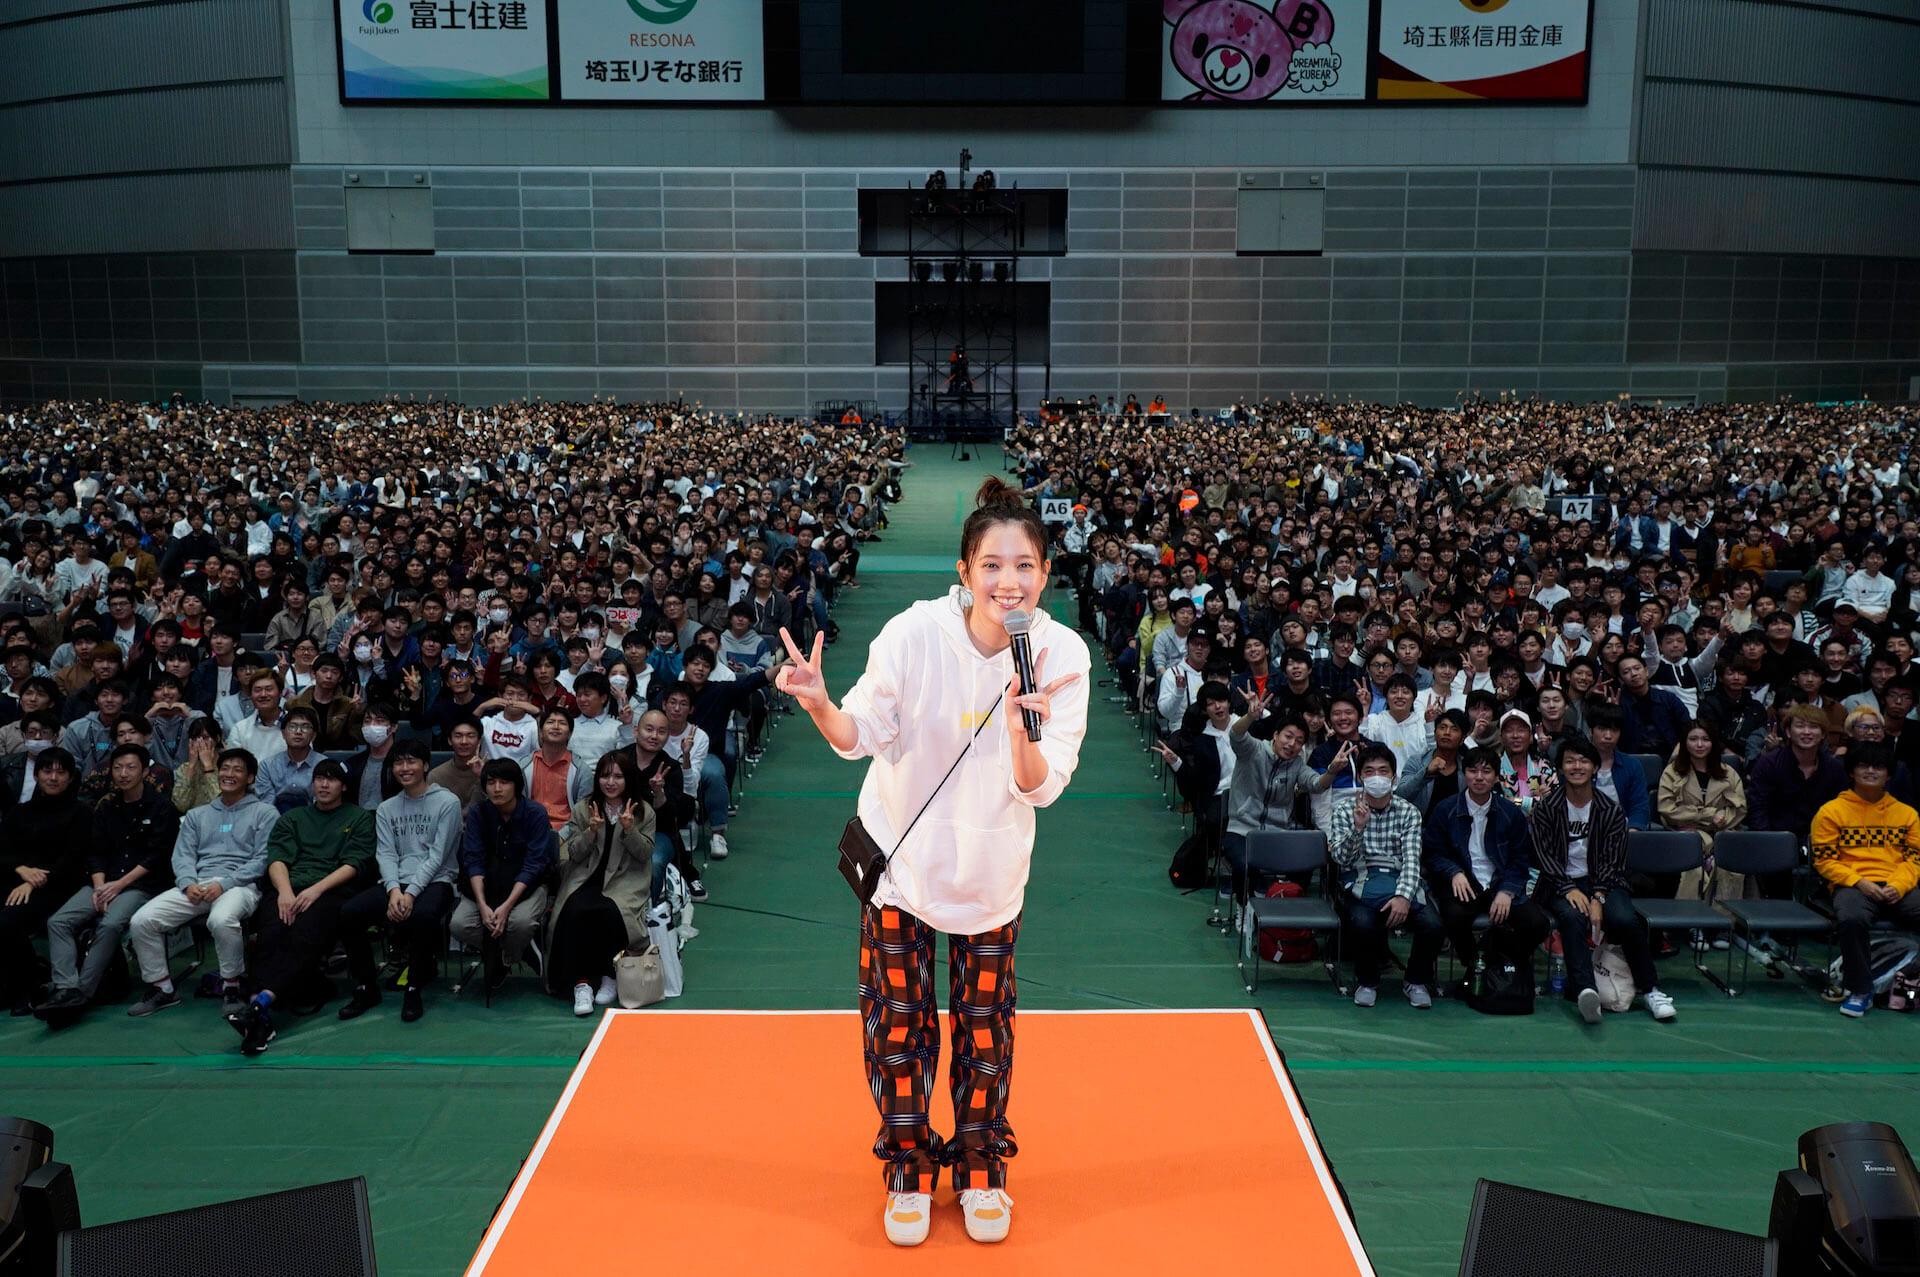 本田翼、YouTubeアカウントほんだのばいく開設1周年イベントで大興奮!レポートが到着 art191023_hondanobike_1